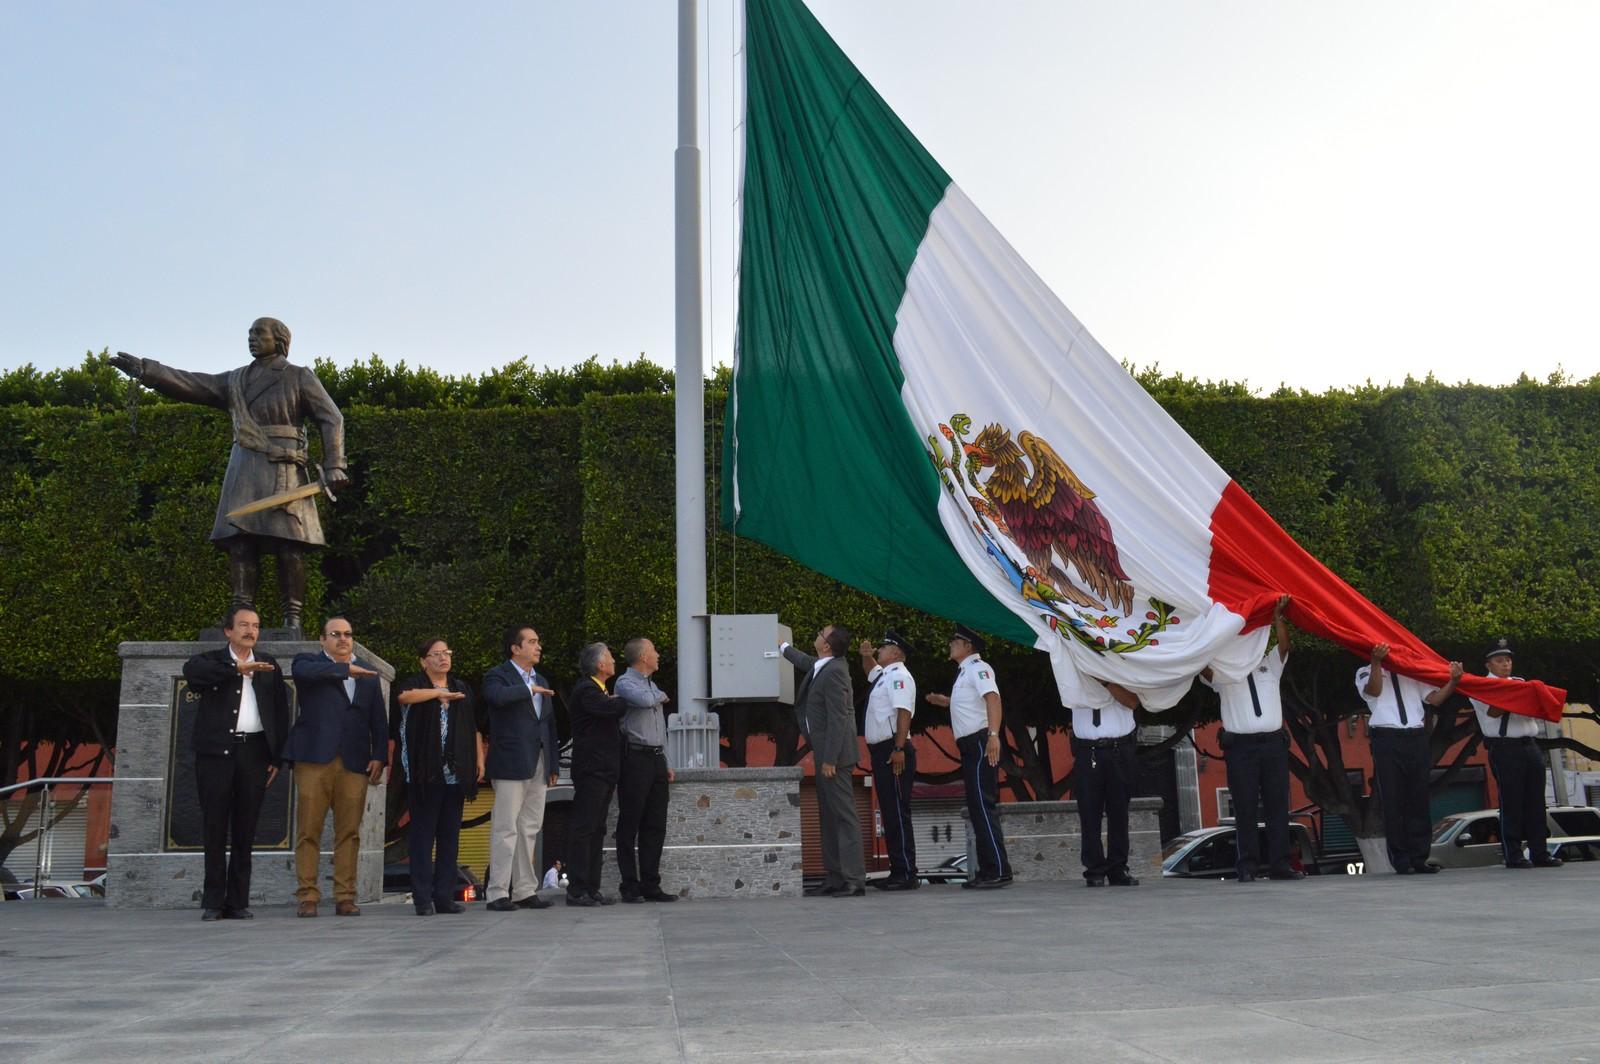 """Por la mañana, el munícipe en compañía de los miembros de su gabinete, izaron la Bandera Nacional a media asta en la Plaza Cívica """"Miguel Hidalgo"""", recordando esta gesta heroica; posteriormente en el monumento a los Niños Héroes, rindieron los respectivos honores a la bandera, colocando una ofrenda floral y guardia de honor ante dicho obelisco."""